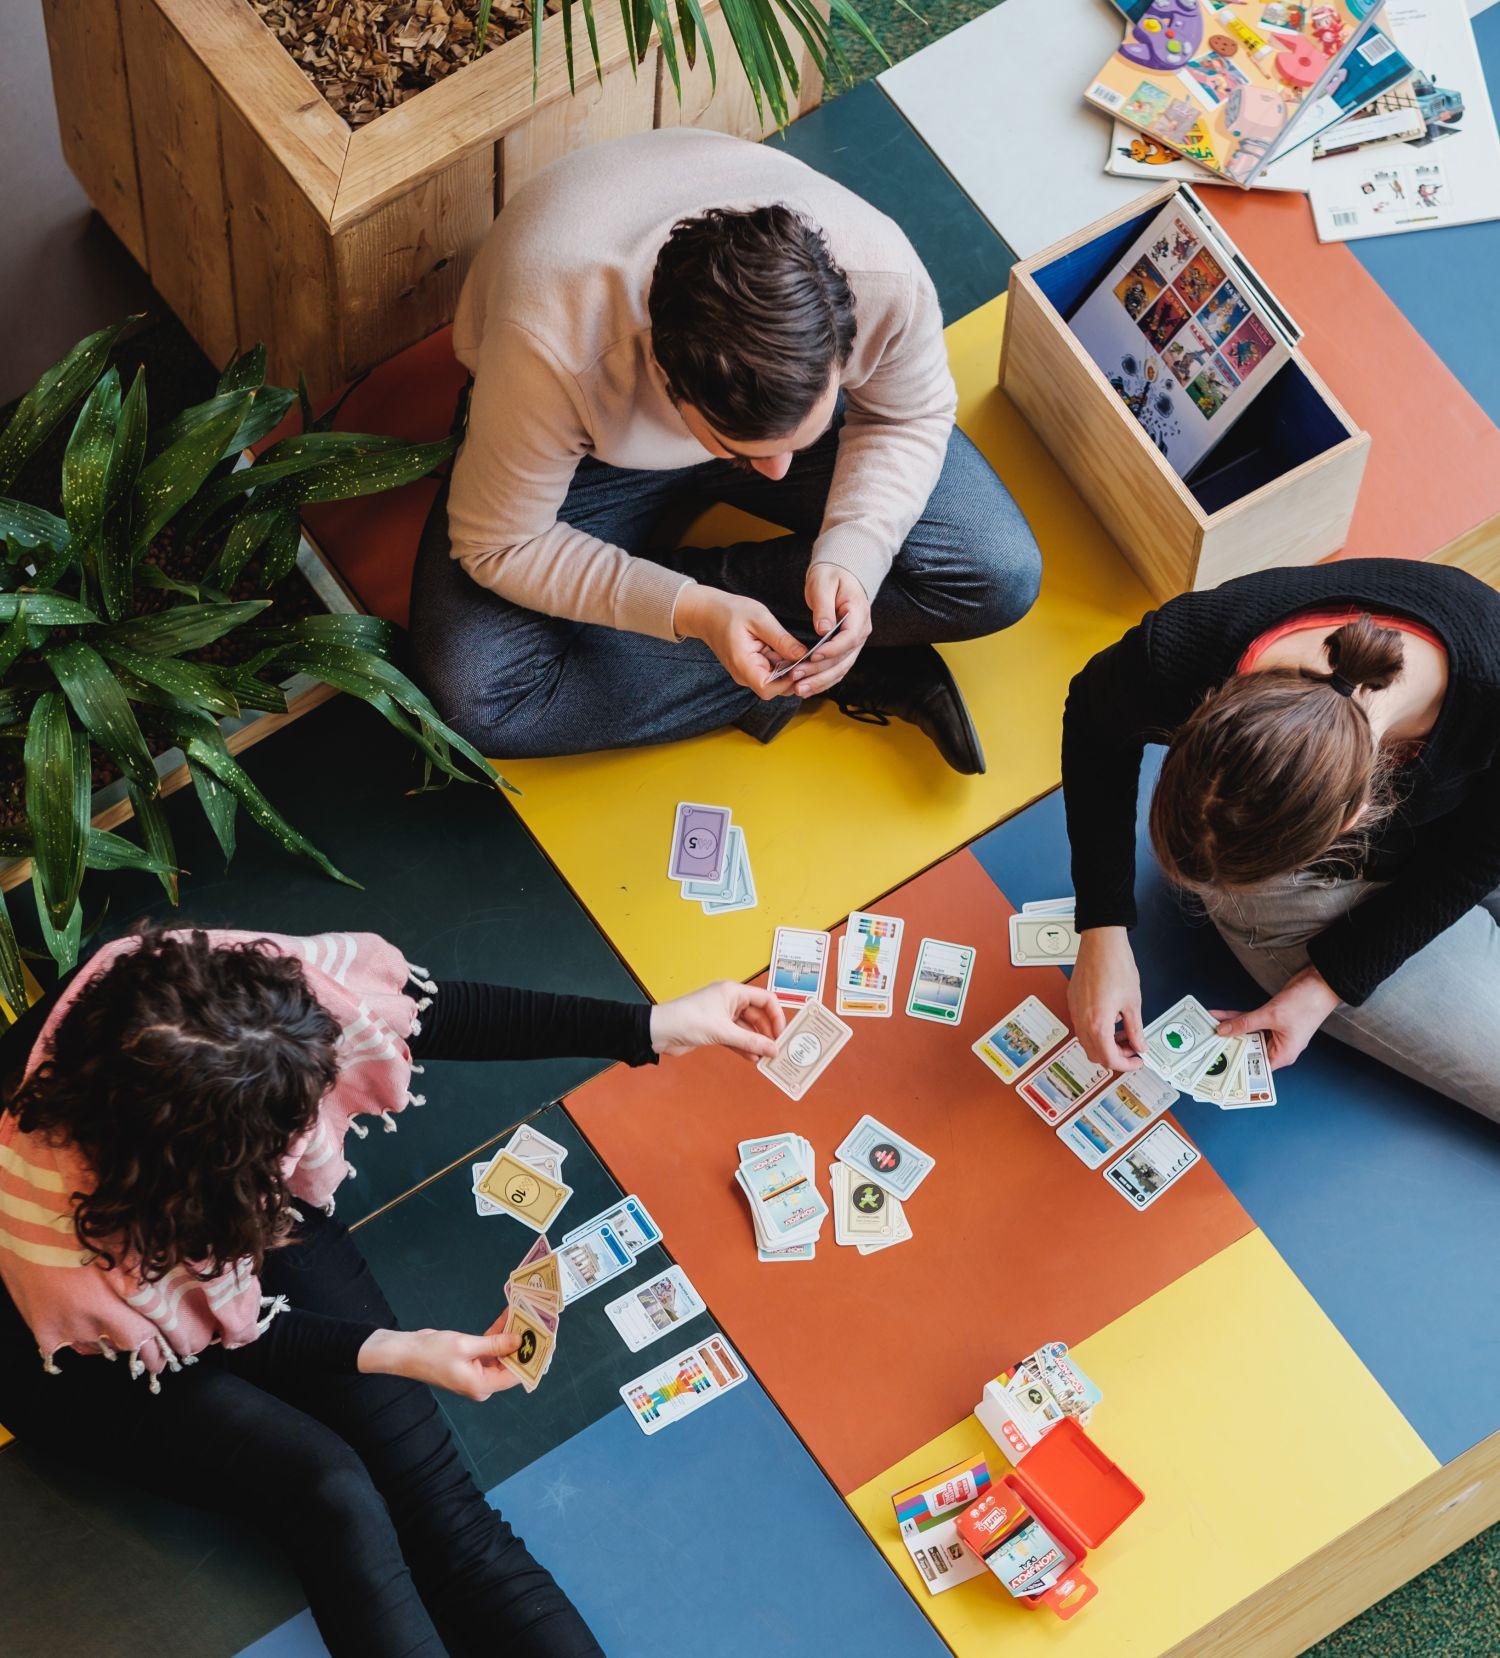 rozwój kreatywności pracowników